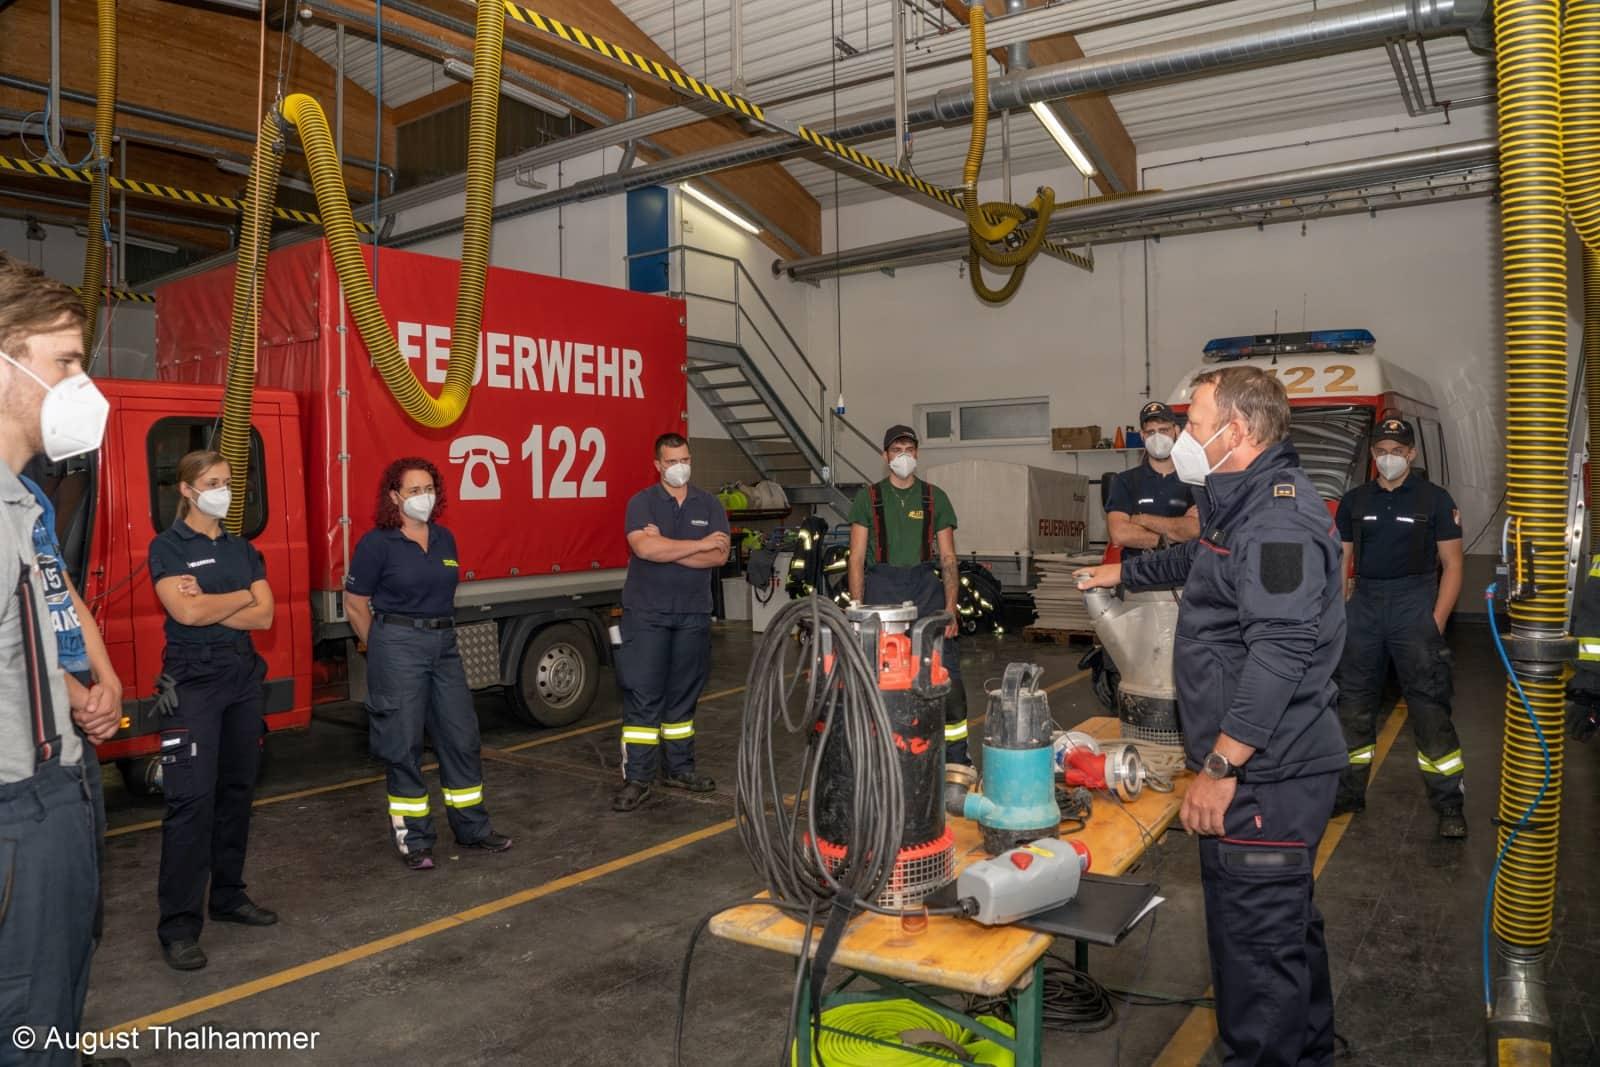 32 Feuerwehr Maschinisten ausgebildet